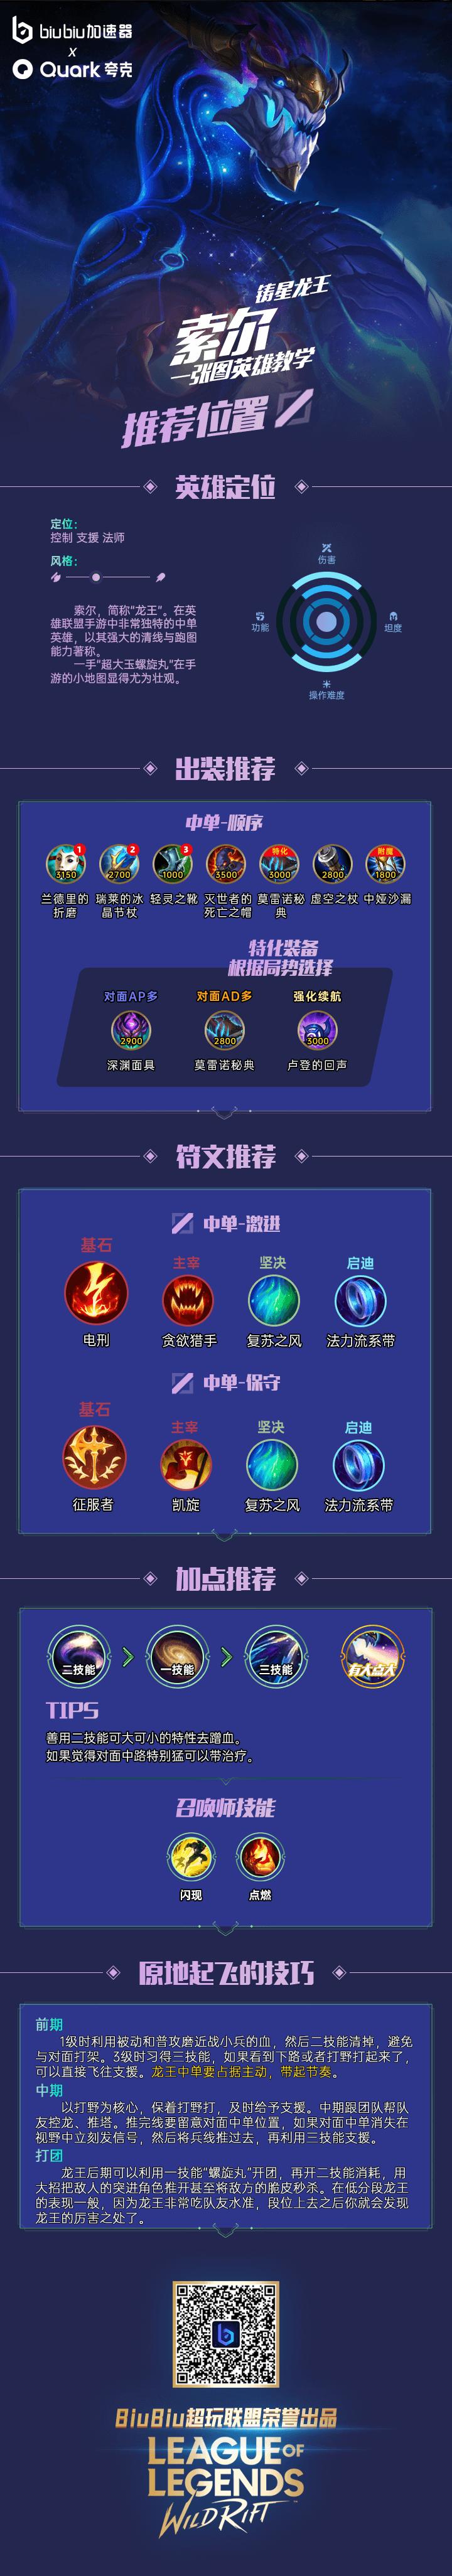 【一图流英雄教学】铸星龙王